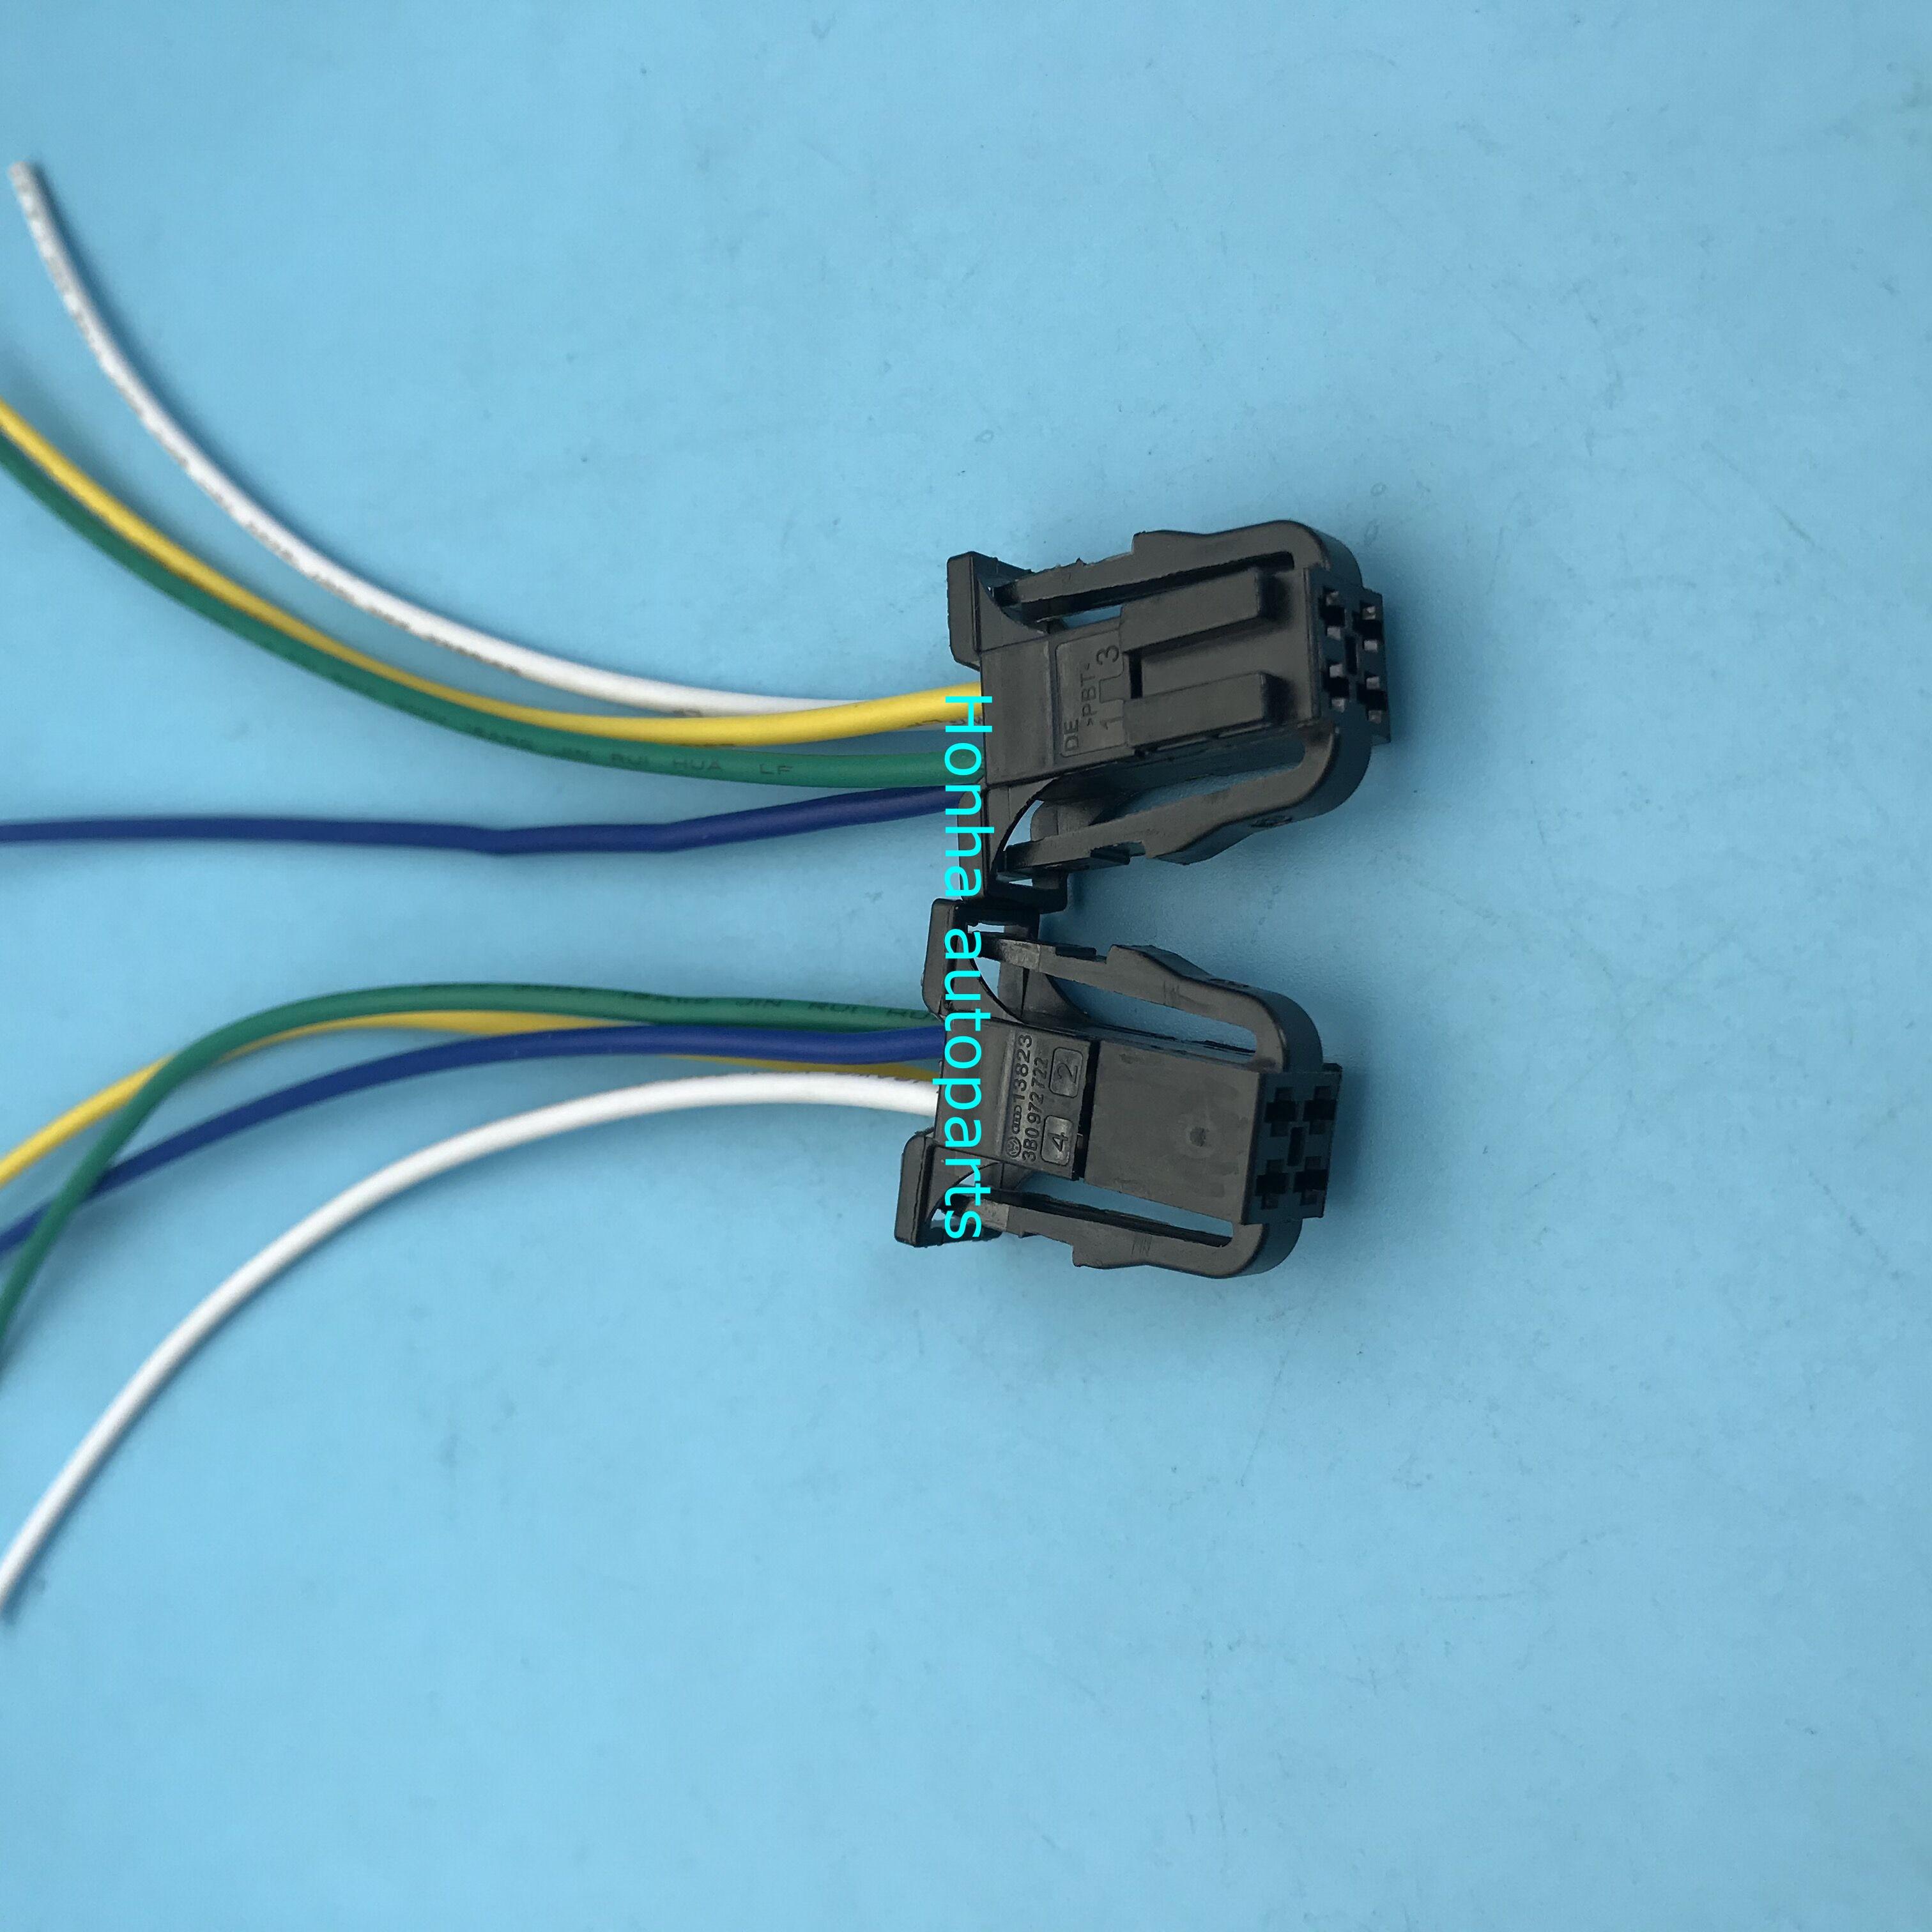 2/5/10/20 Uds. Conector de coche de 4 pines hembra 3B0972722 luz trasera asiento Indicador de calefacción airbag indicador de la manija del enchufe de la luz